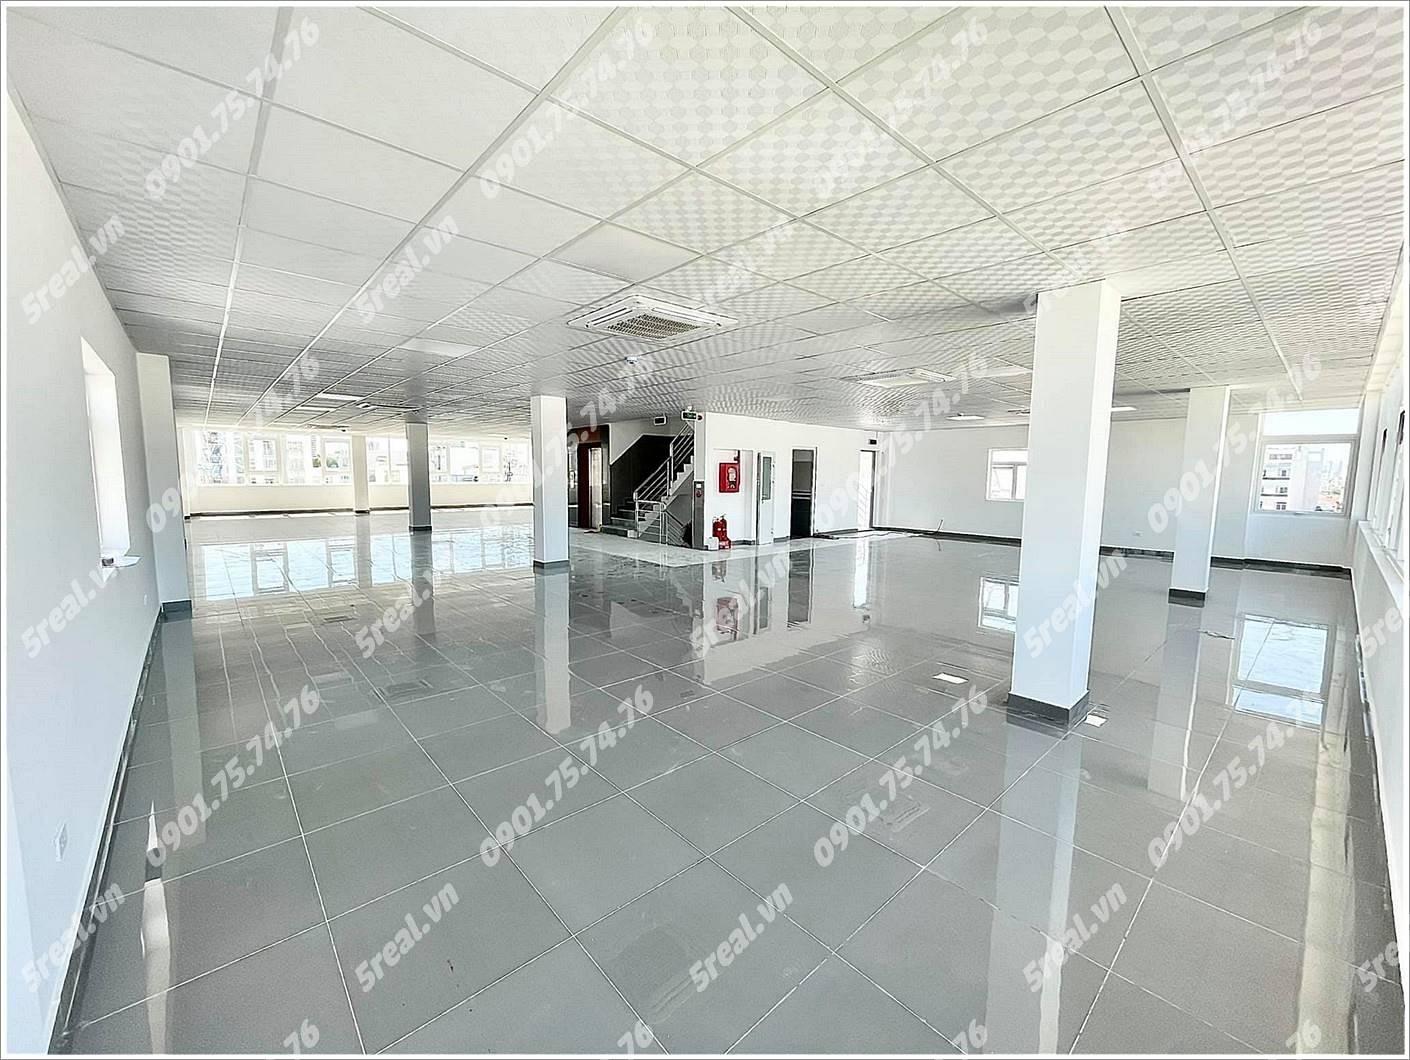 tsa-building-nguyen-dinh-chinh-quan-phu-nhuan-van-phong-cho-thue-tphcm-5real.vn-05